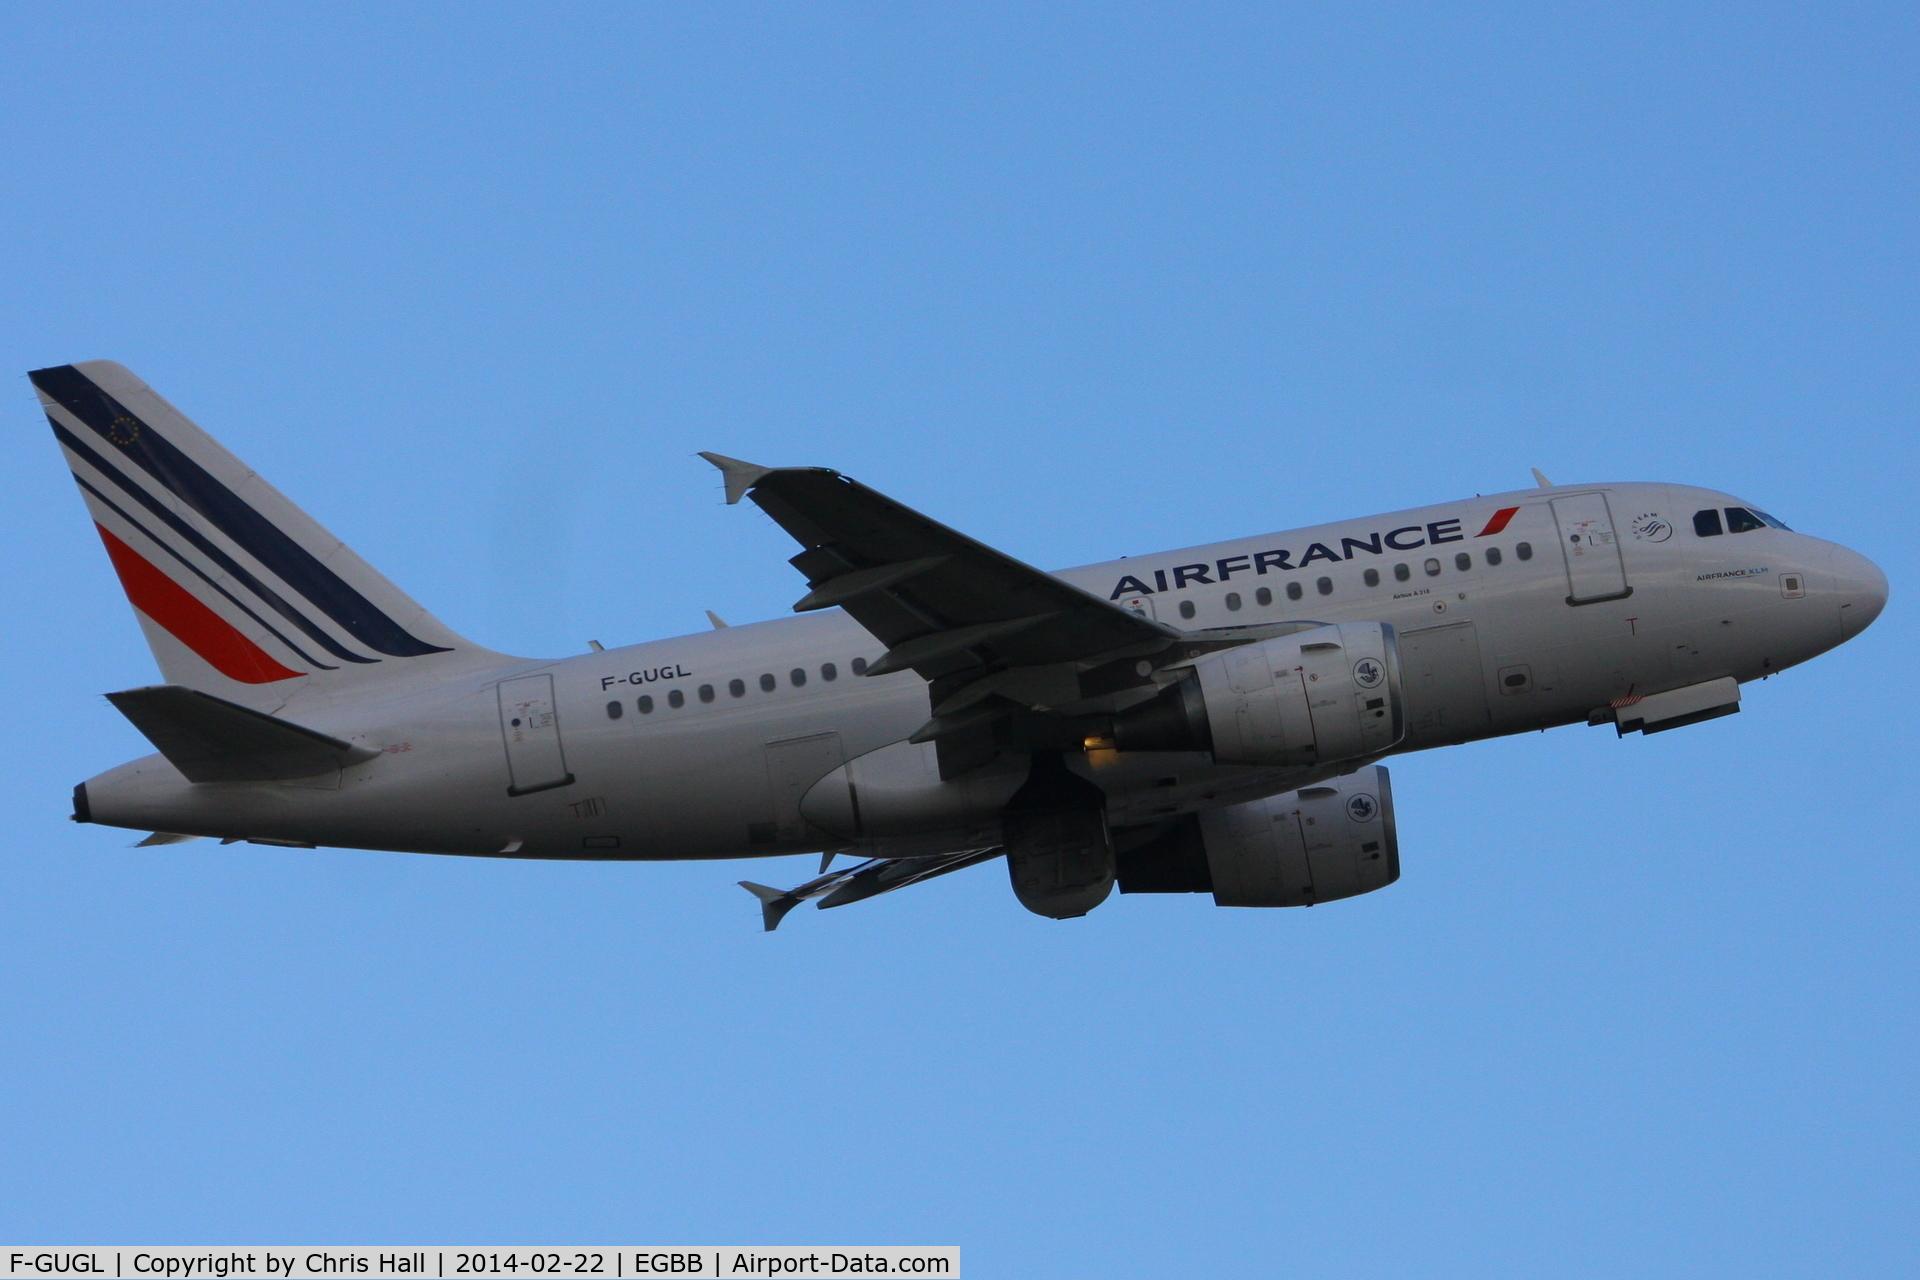 F-GUGL, 2006 Airbus A318-111 C/N 2686, Air France